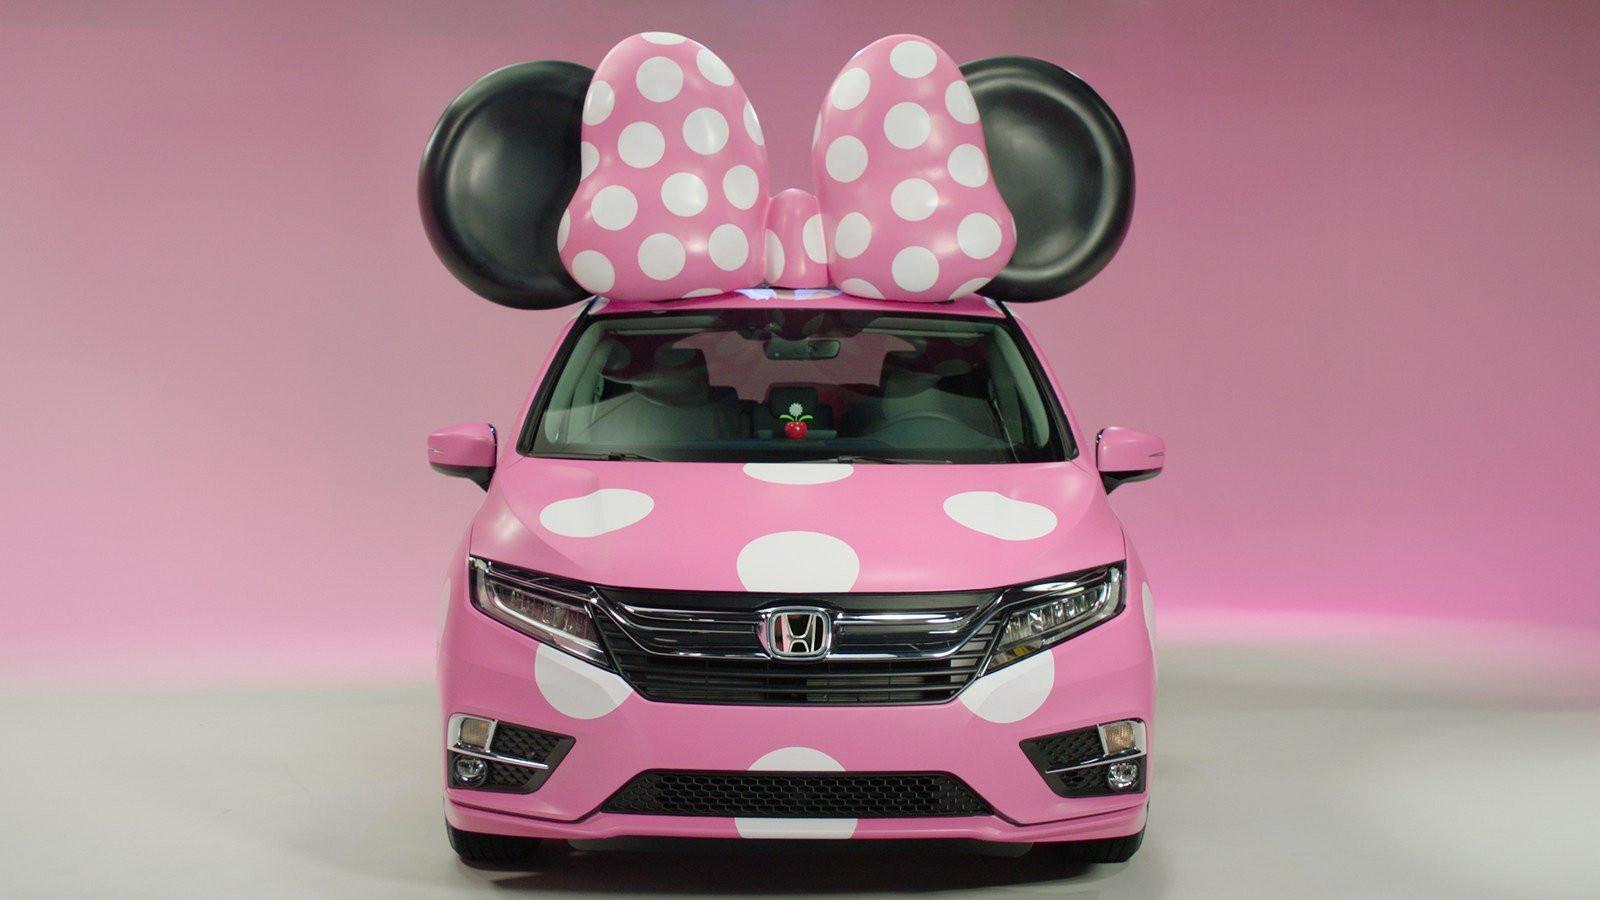 Honda иDisney разработали минивэн Odyssey для Минни Маус